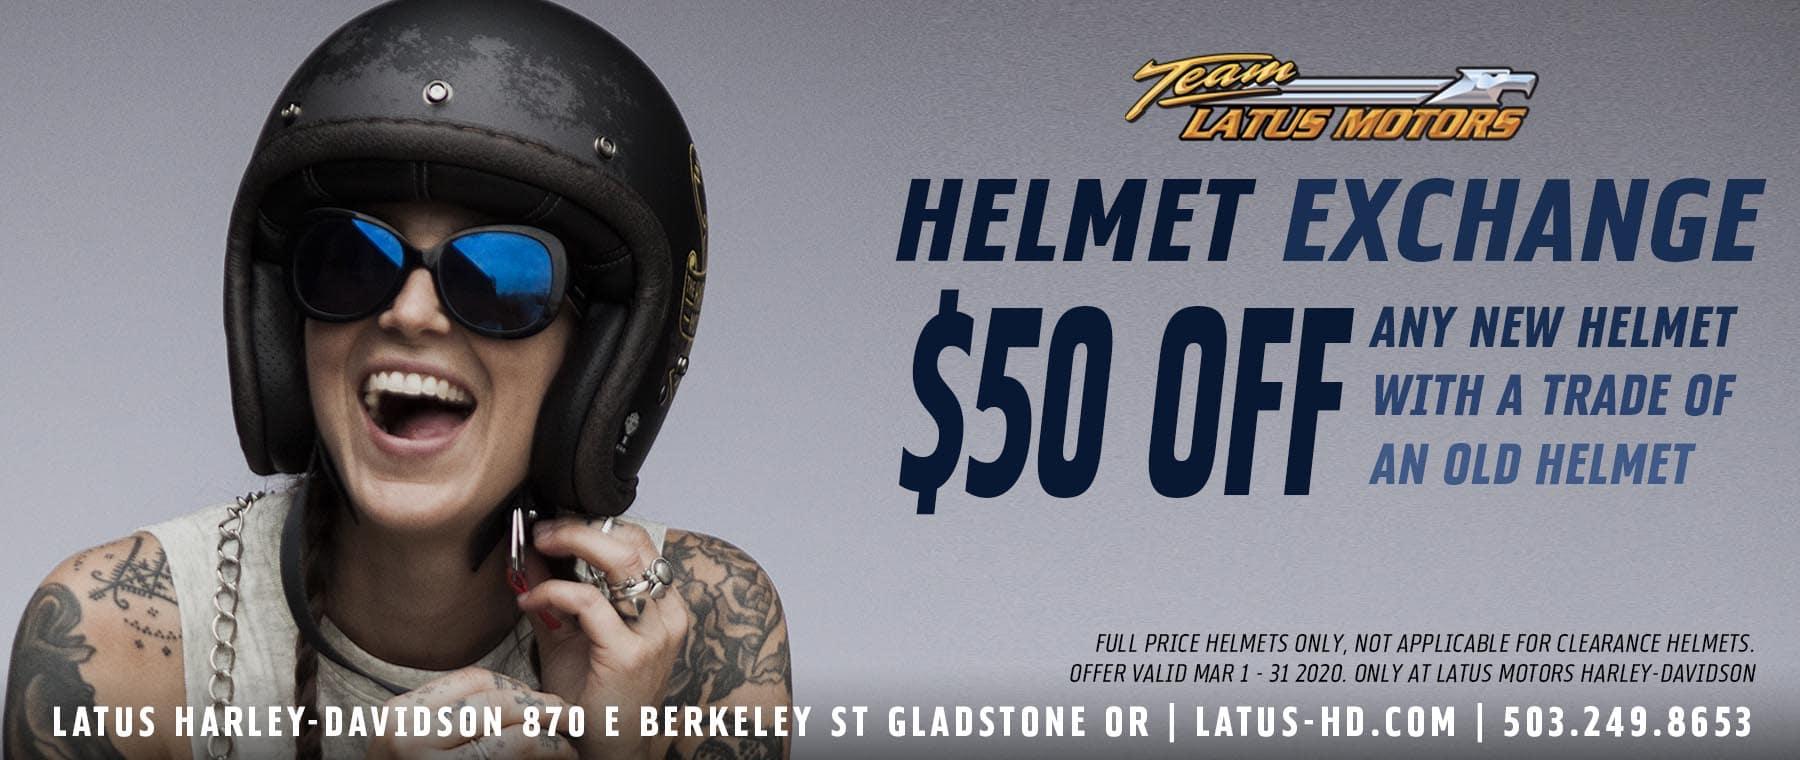 Helmet Exchange